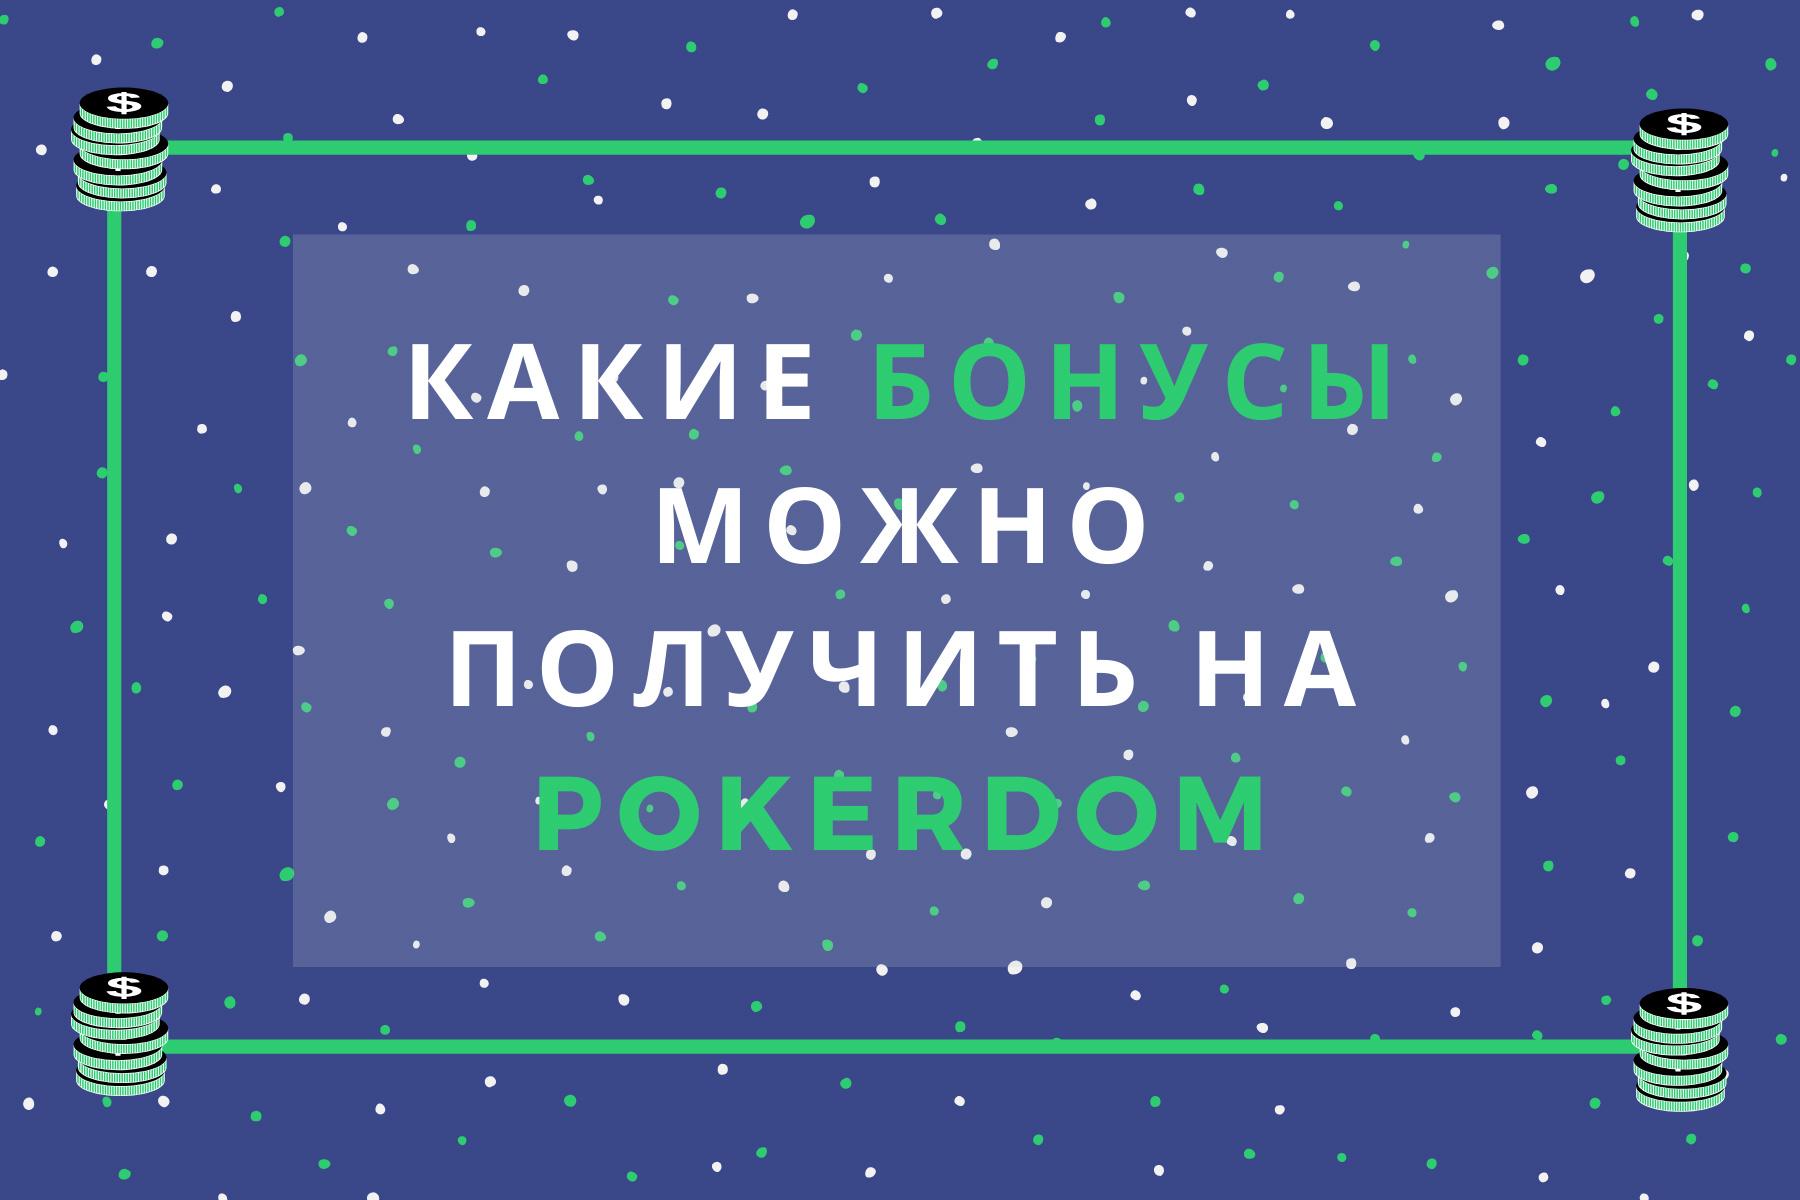 Бонусы и акции от рума Покердом.